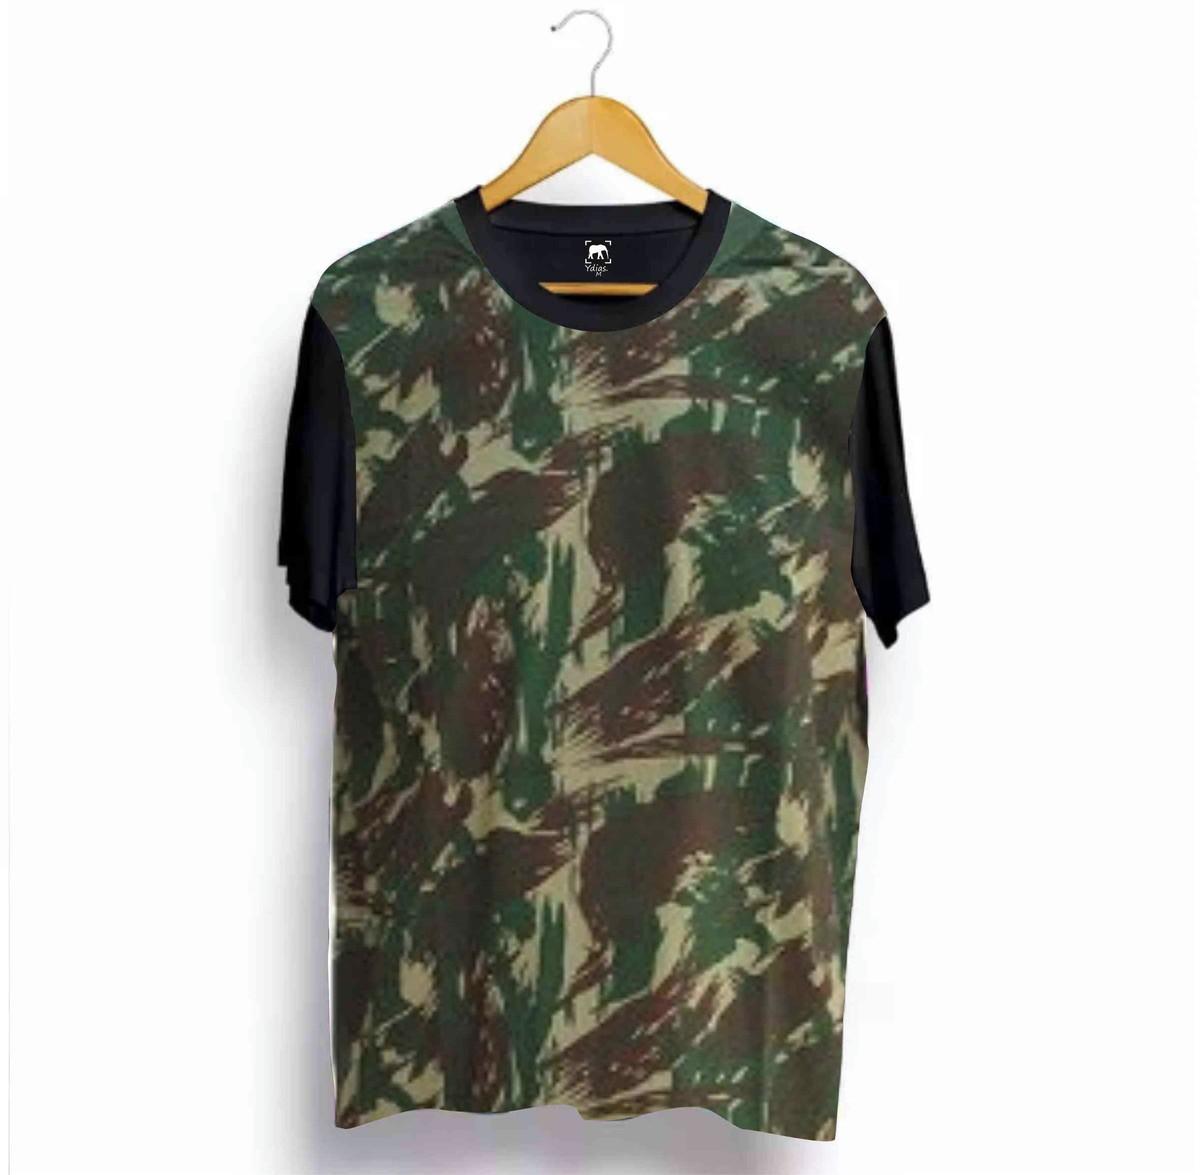 Camiseta Camuflada Ydias Estampa 36 no Elo7  3b1d99eb6f1